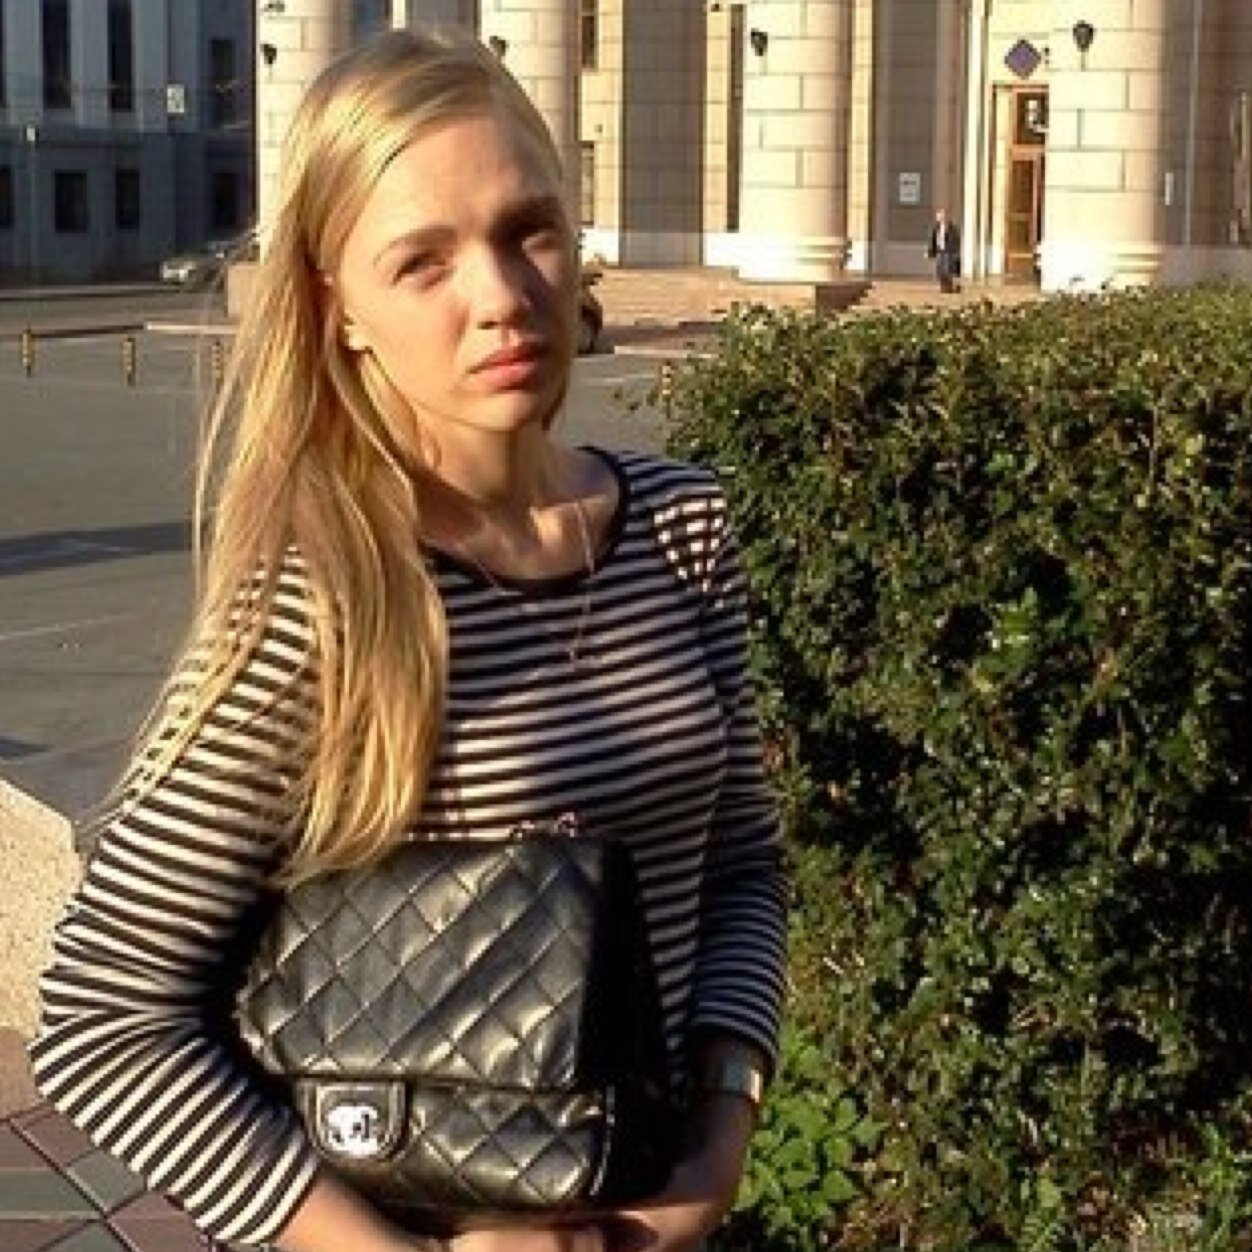 Daria kravchenko отзывы о работе барменом девушки